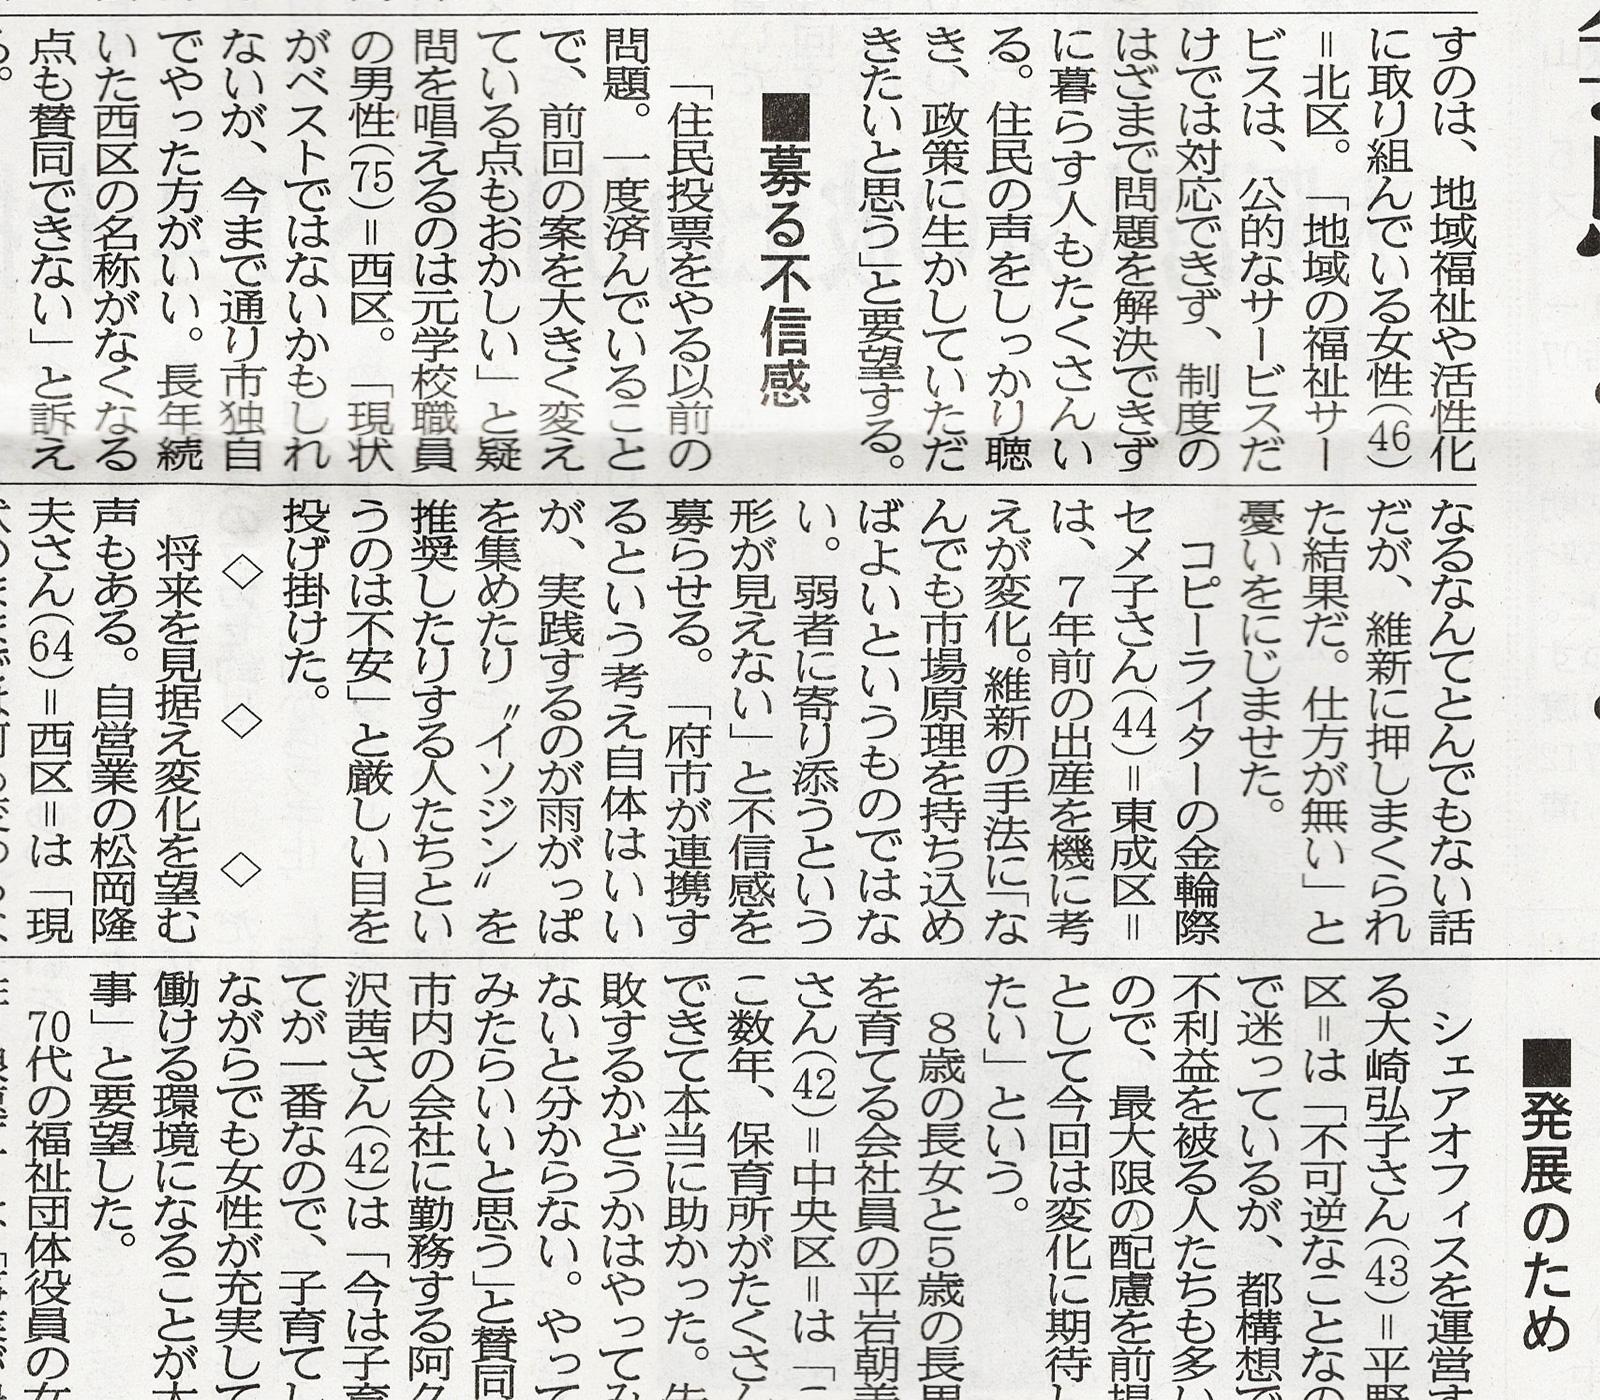 変わる大阪 不安と期待|2020.9.4 金輪際セメ子コメント掲載(大阪日日新聞)